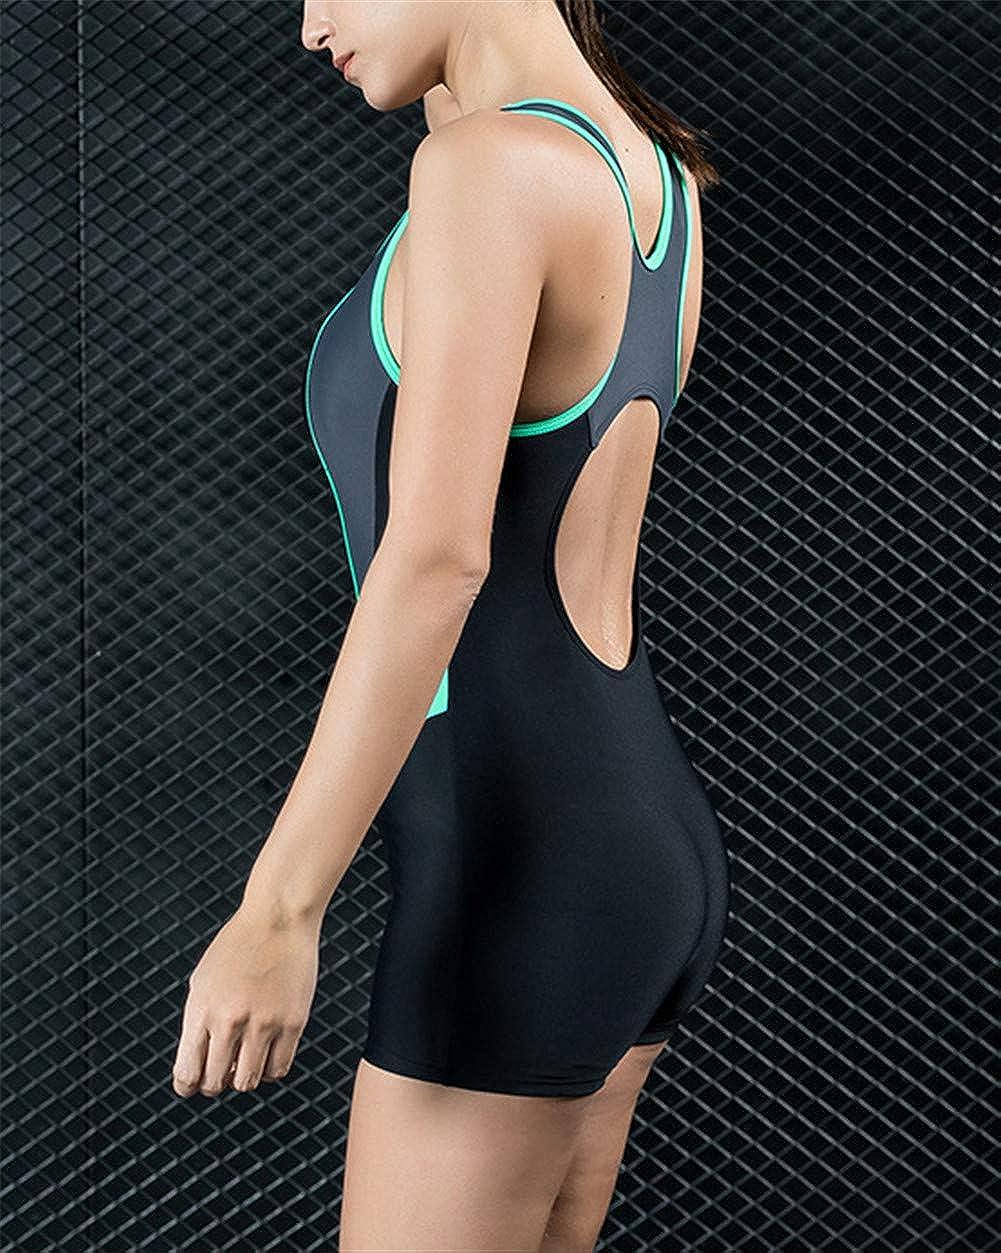 GODGETS_Bañador Bañadores Mujer Natacion Competicion Trajes ...